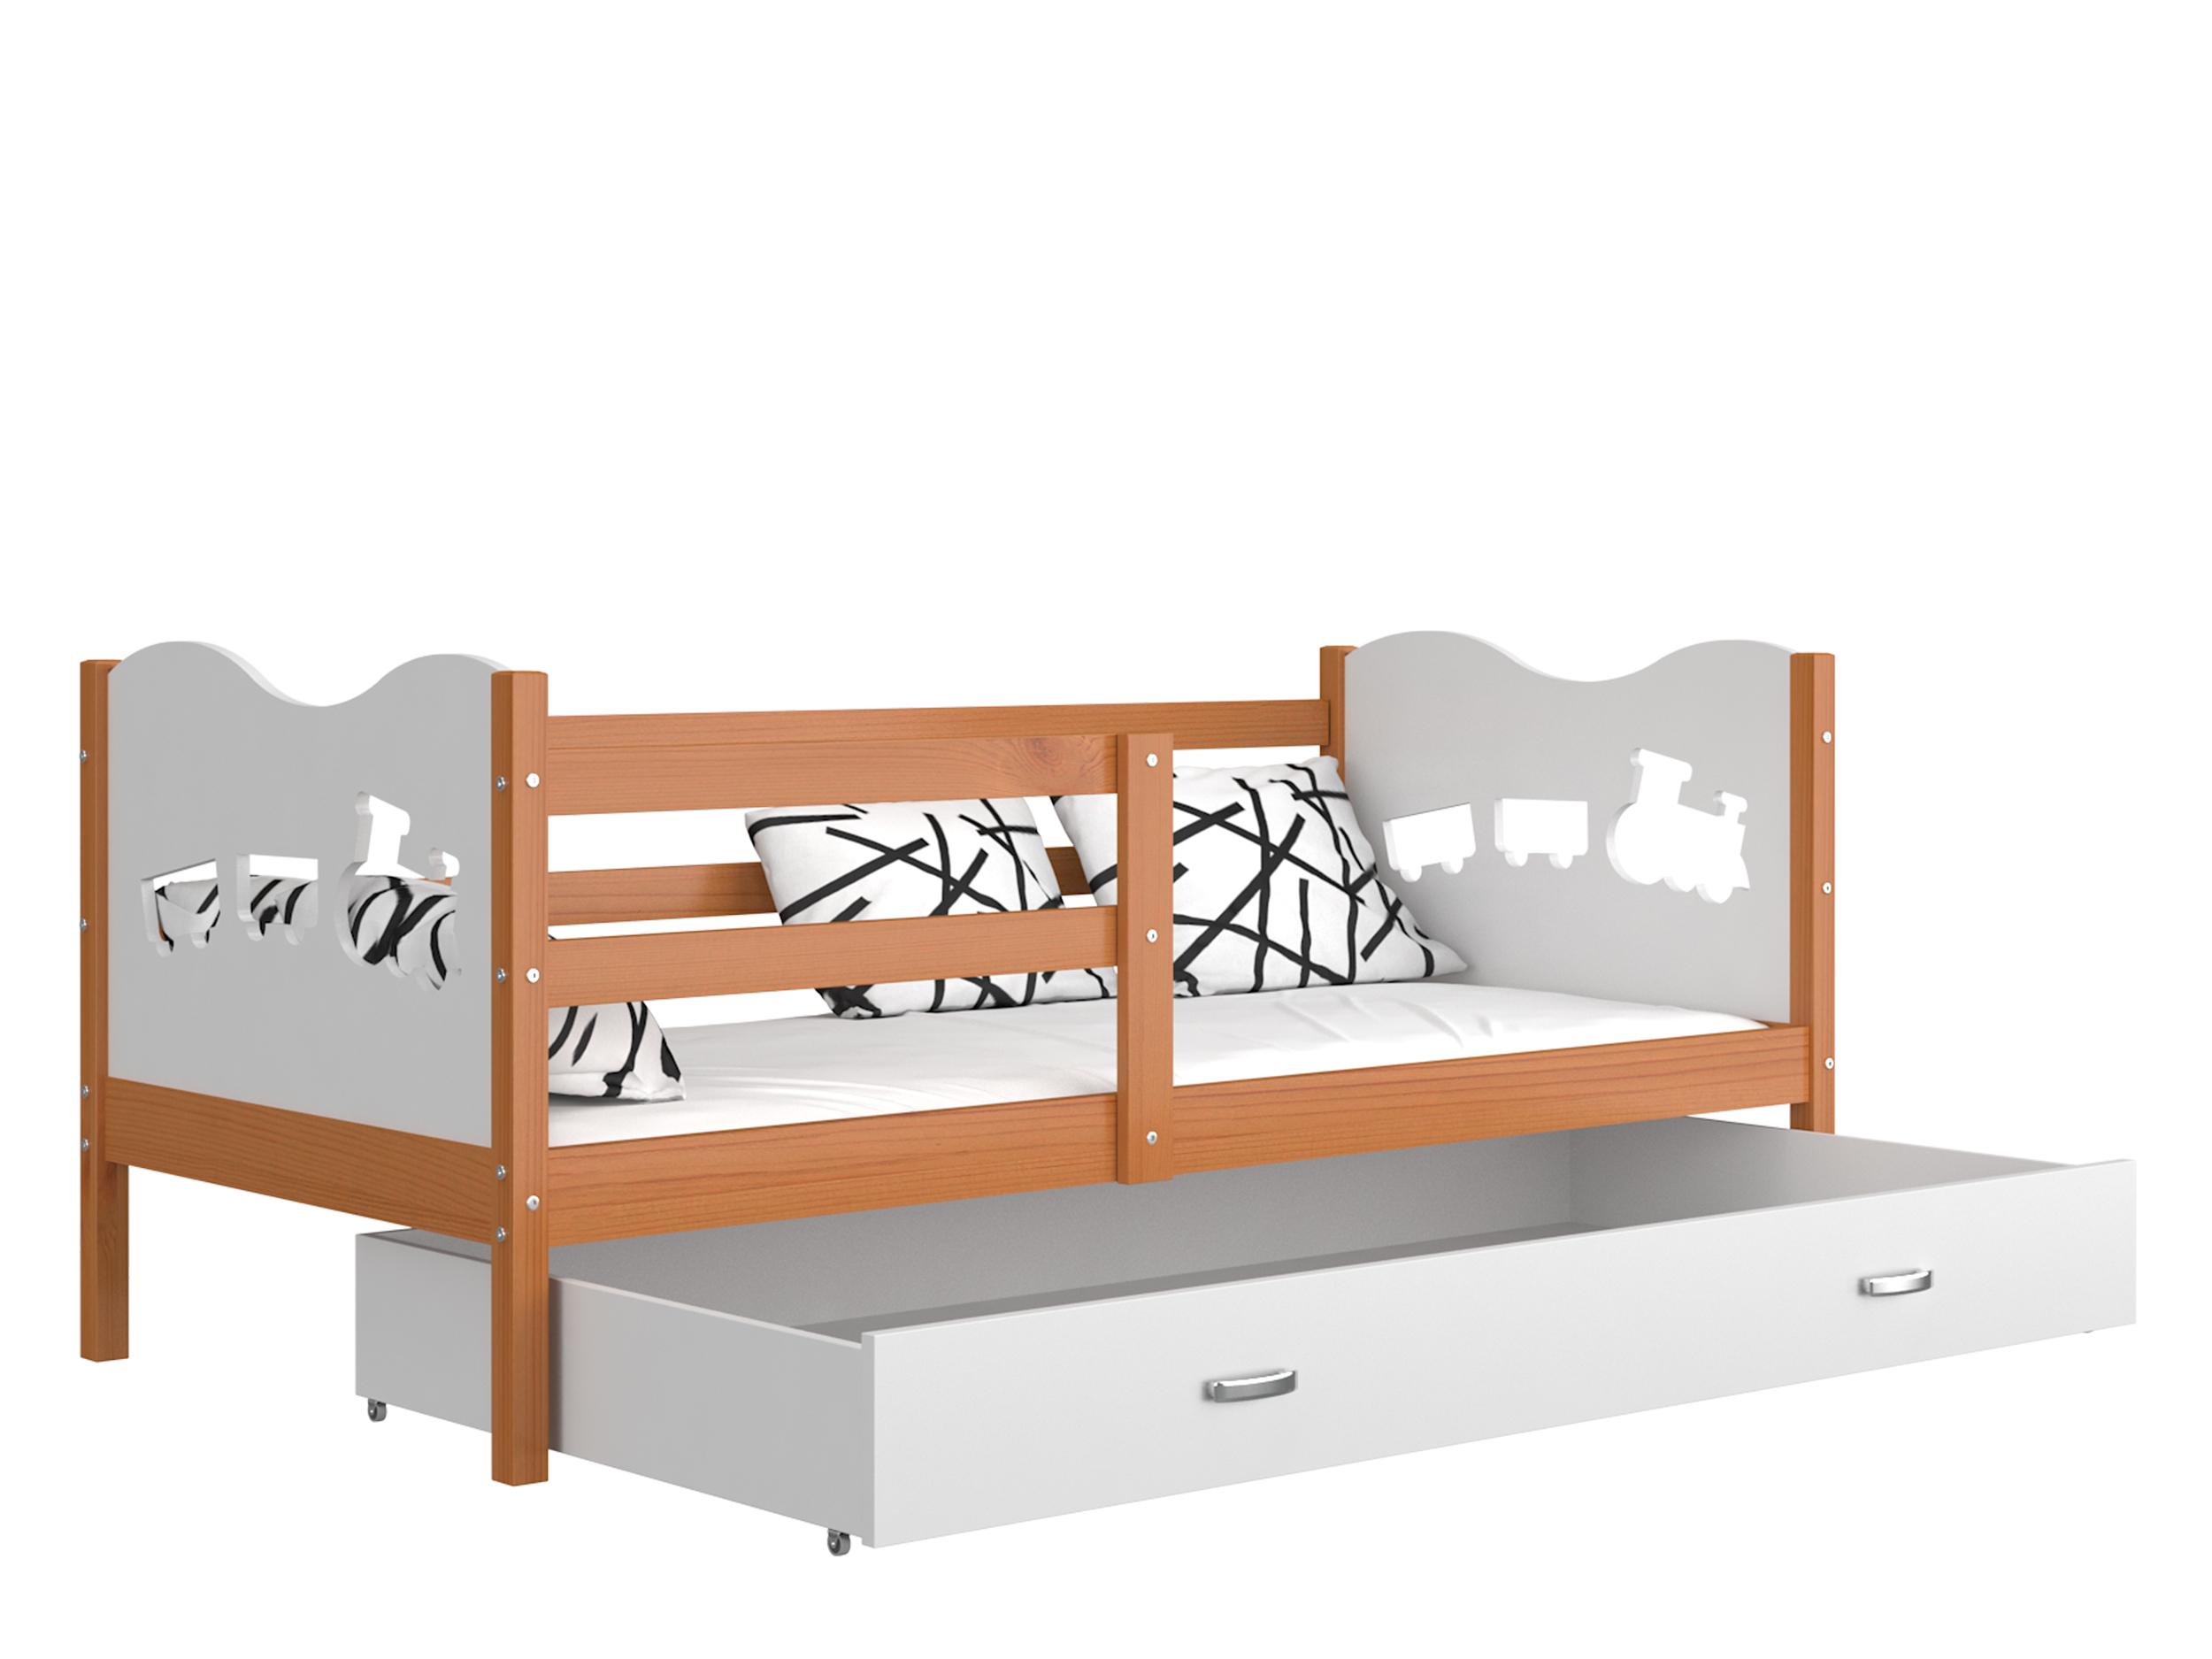 ArtAJ Detská posteľ MAX P drevo / MDF 200 x 90 cm Farba: jelša / biela 200 x 90 cm s matracom